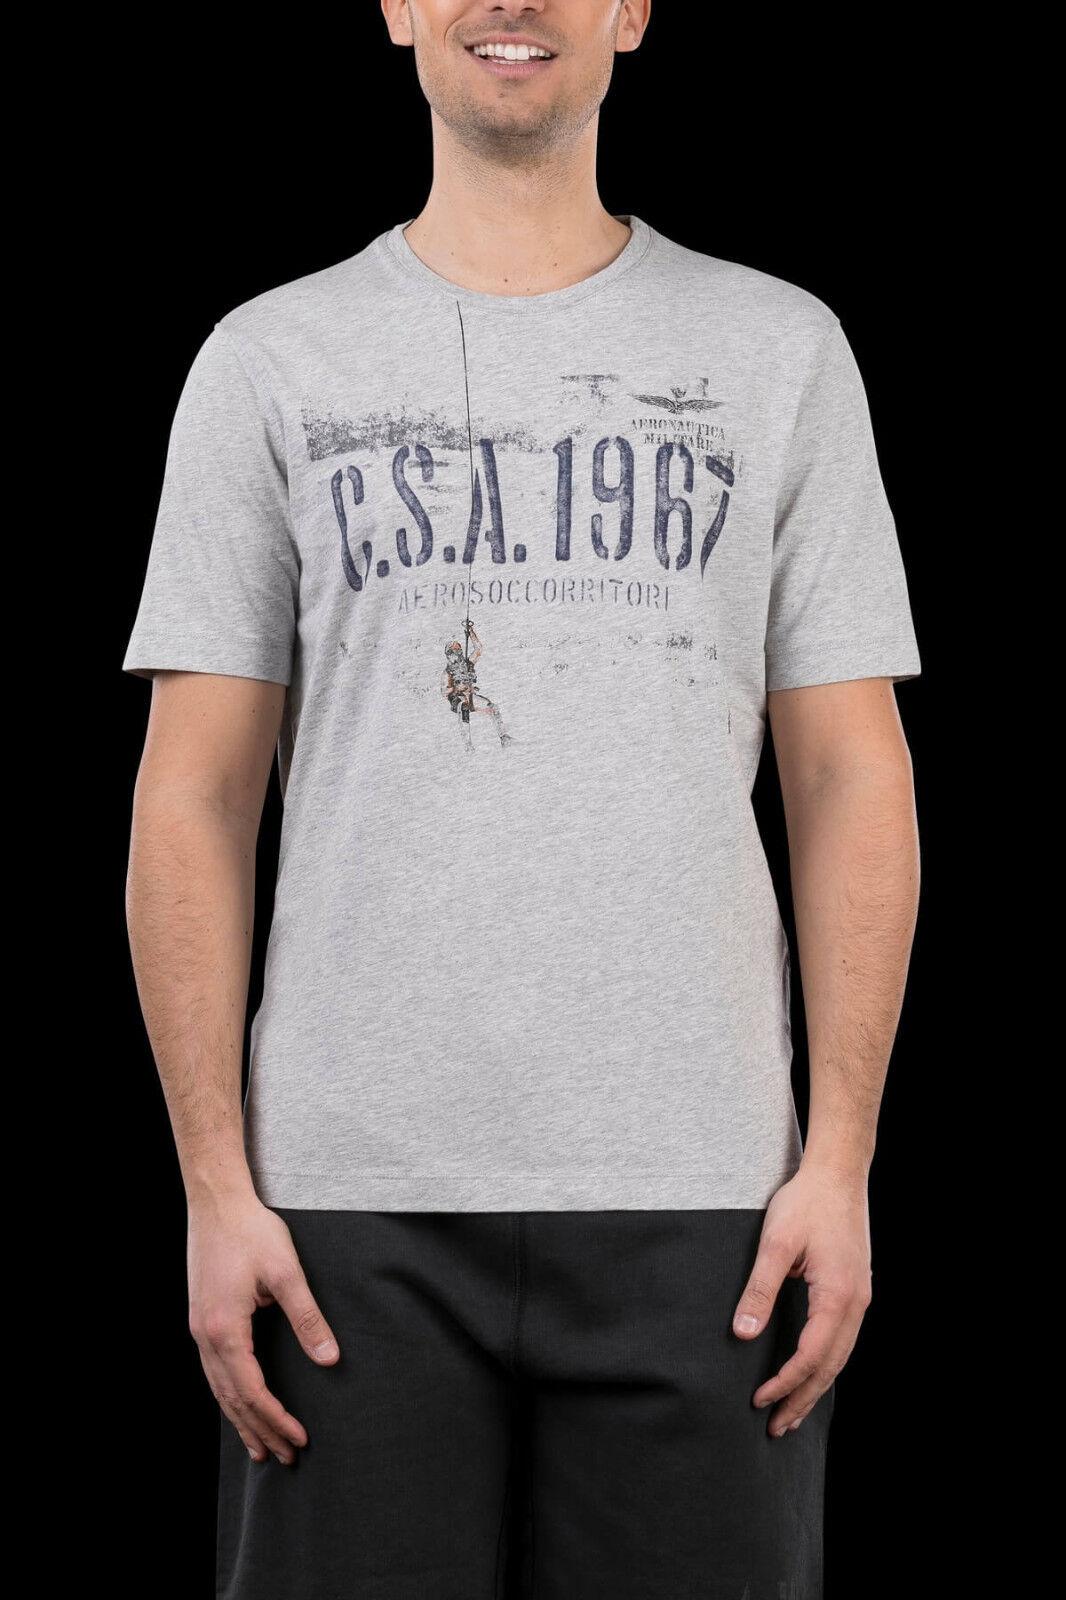 T-shirt Uomo AERONAUTICA MILITARE TS1508 Tricolorei Maglia Cotone Grigia NUOVA